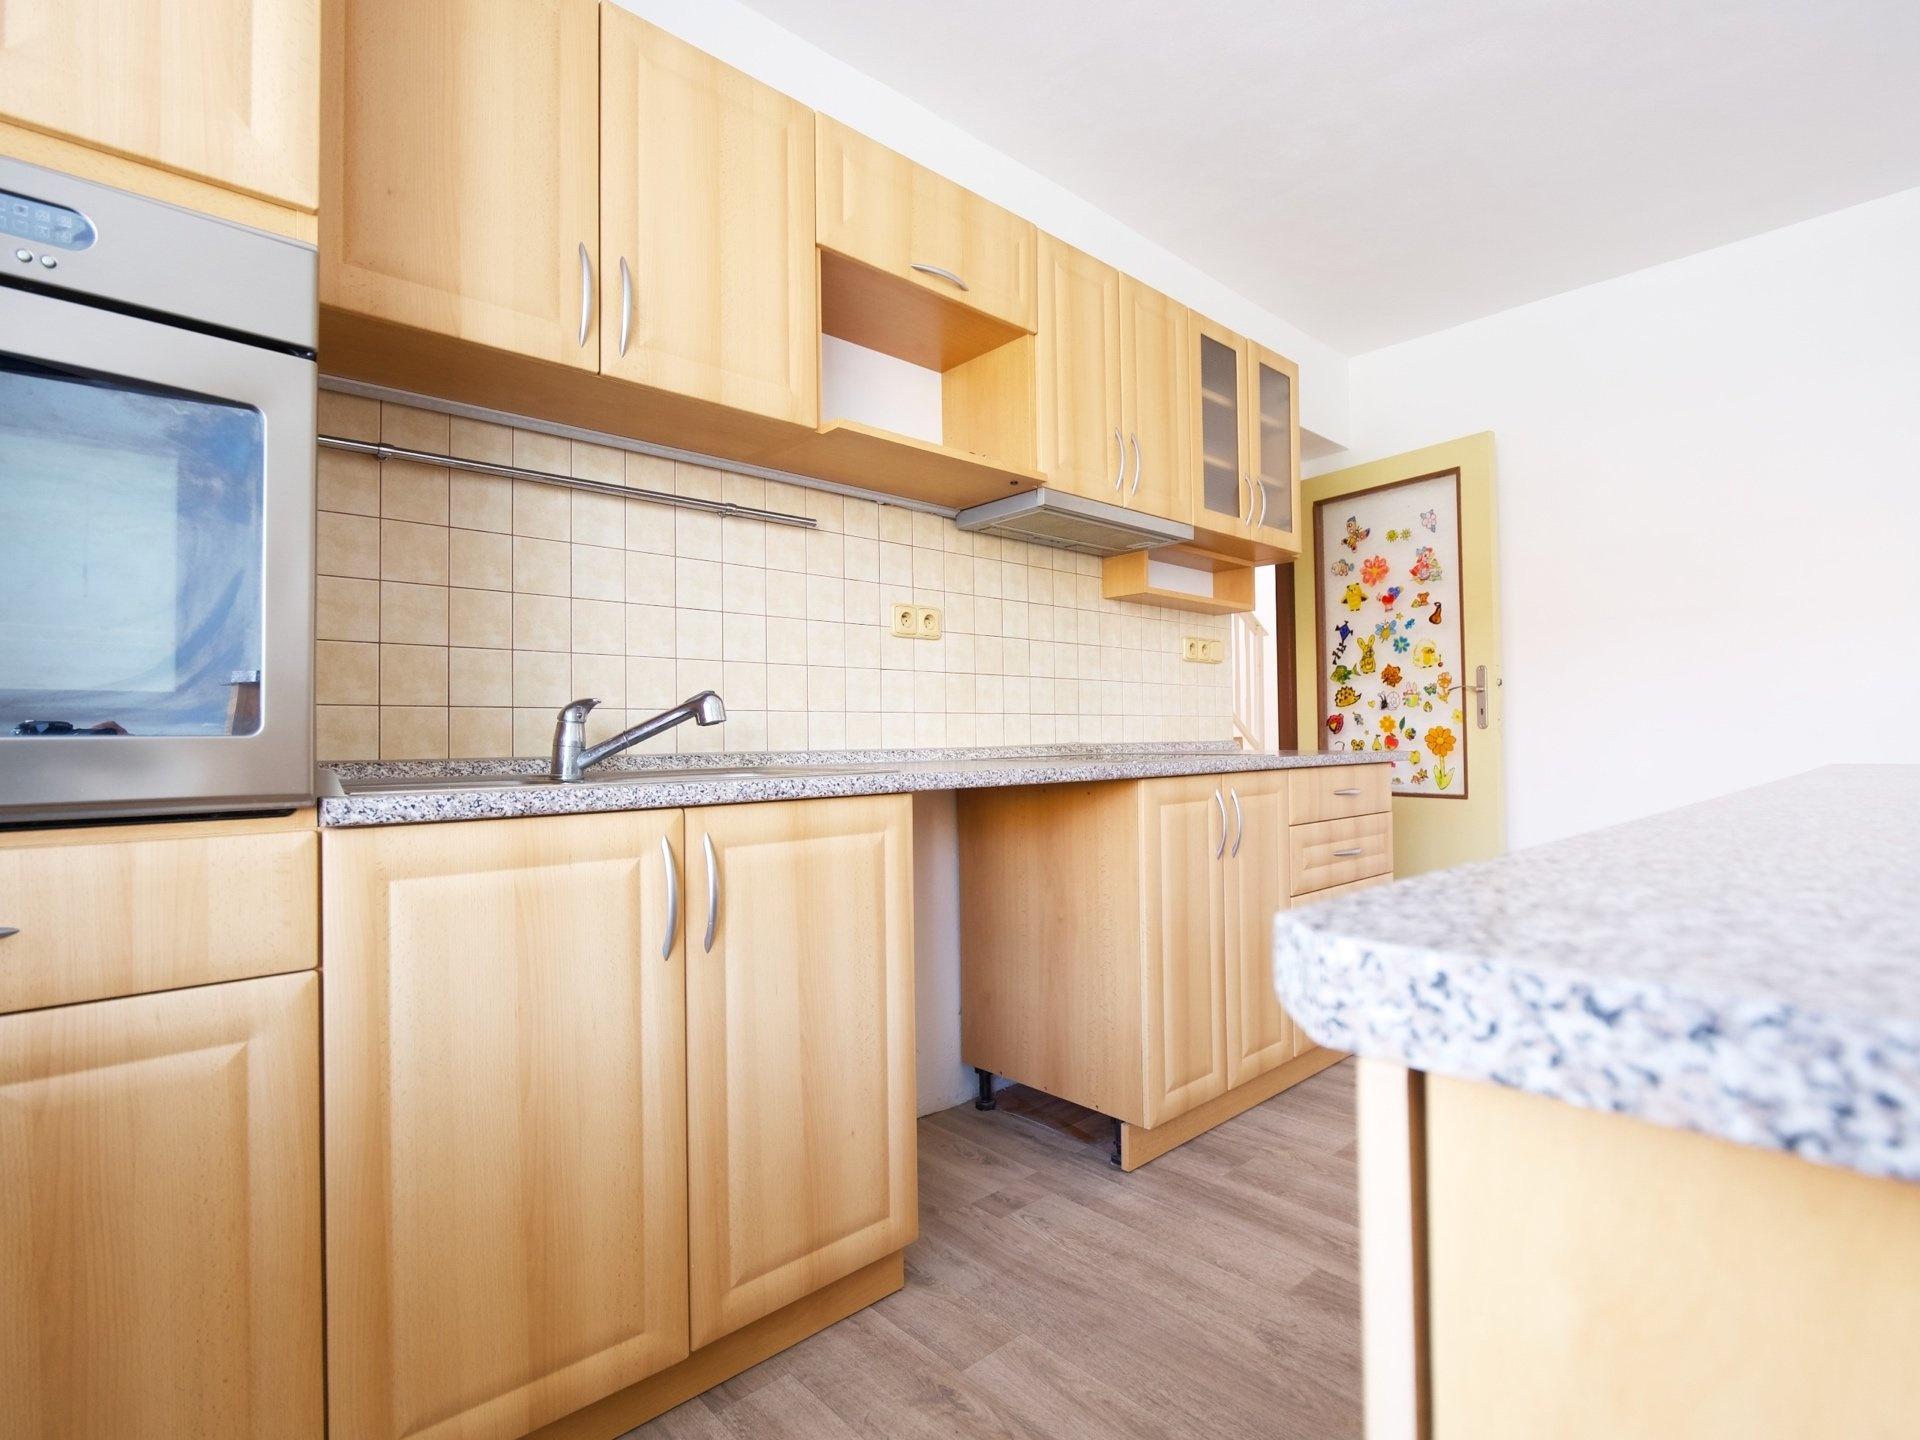 prodej-rodinneho-domu-letohrad-p1210742-041437